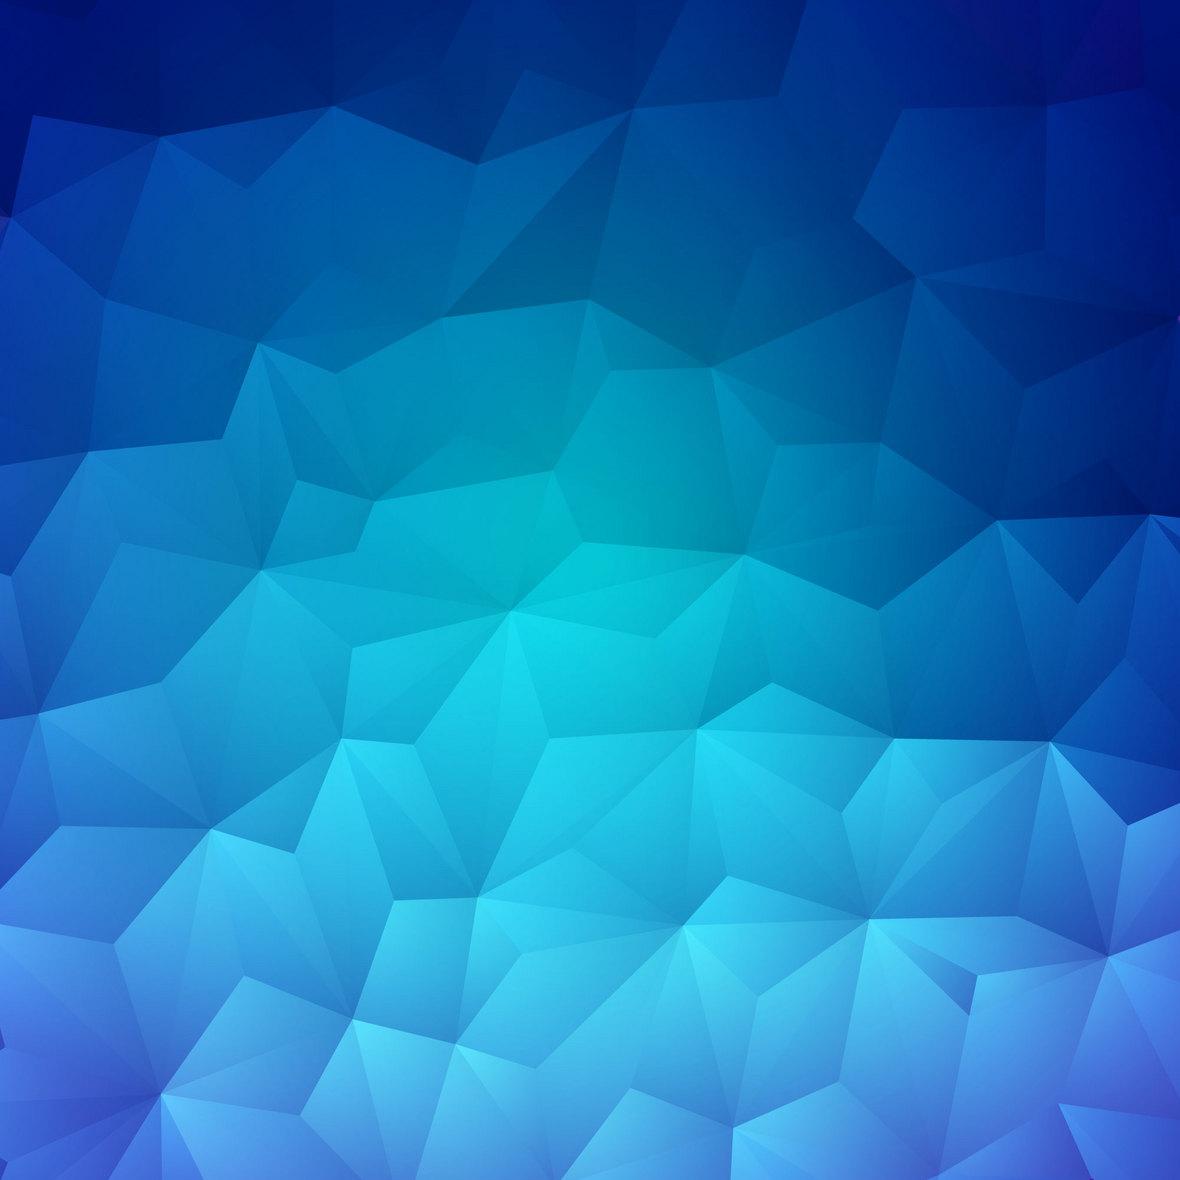 时尚蓝色渐变几何菱形背景